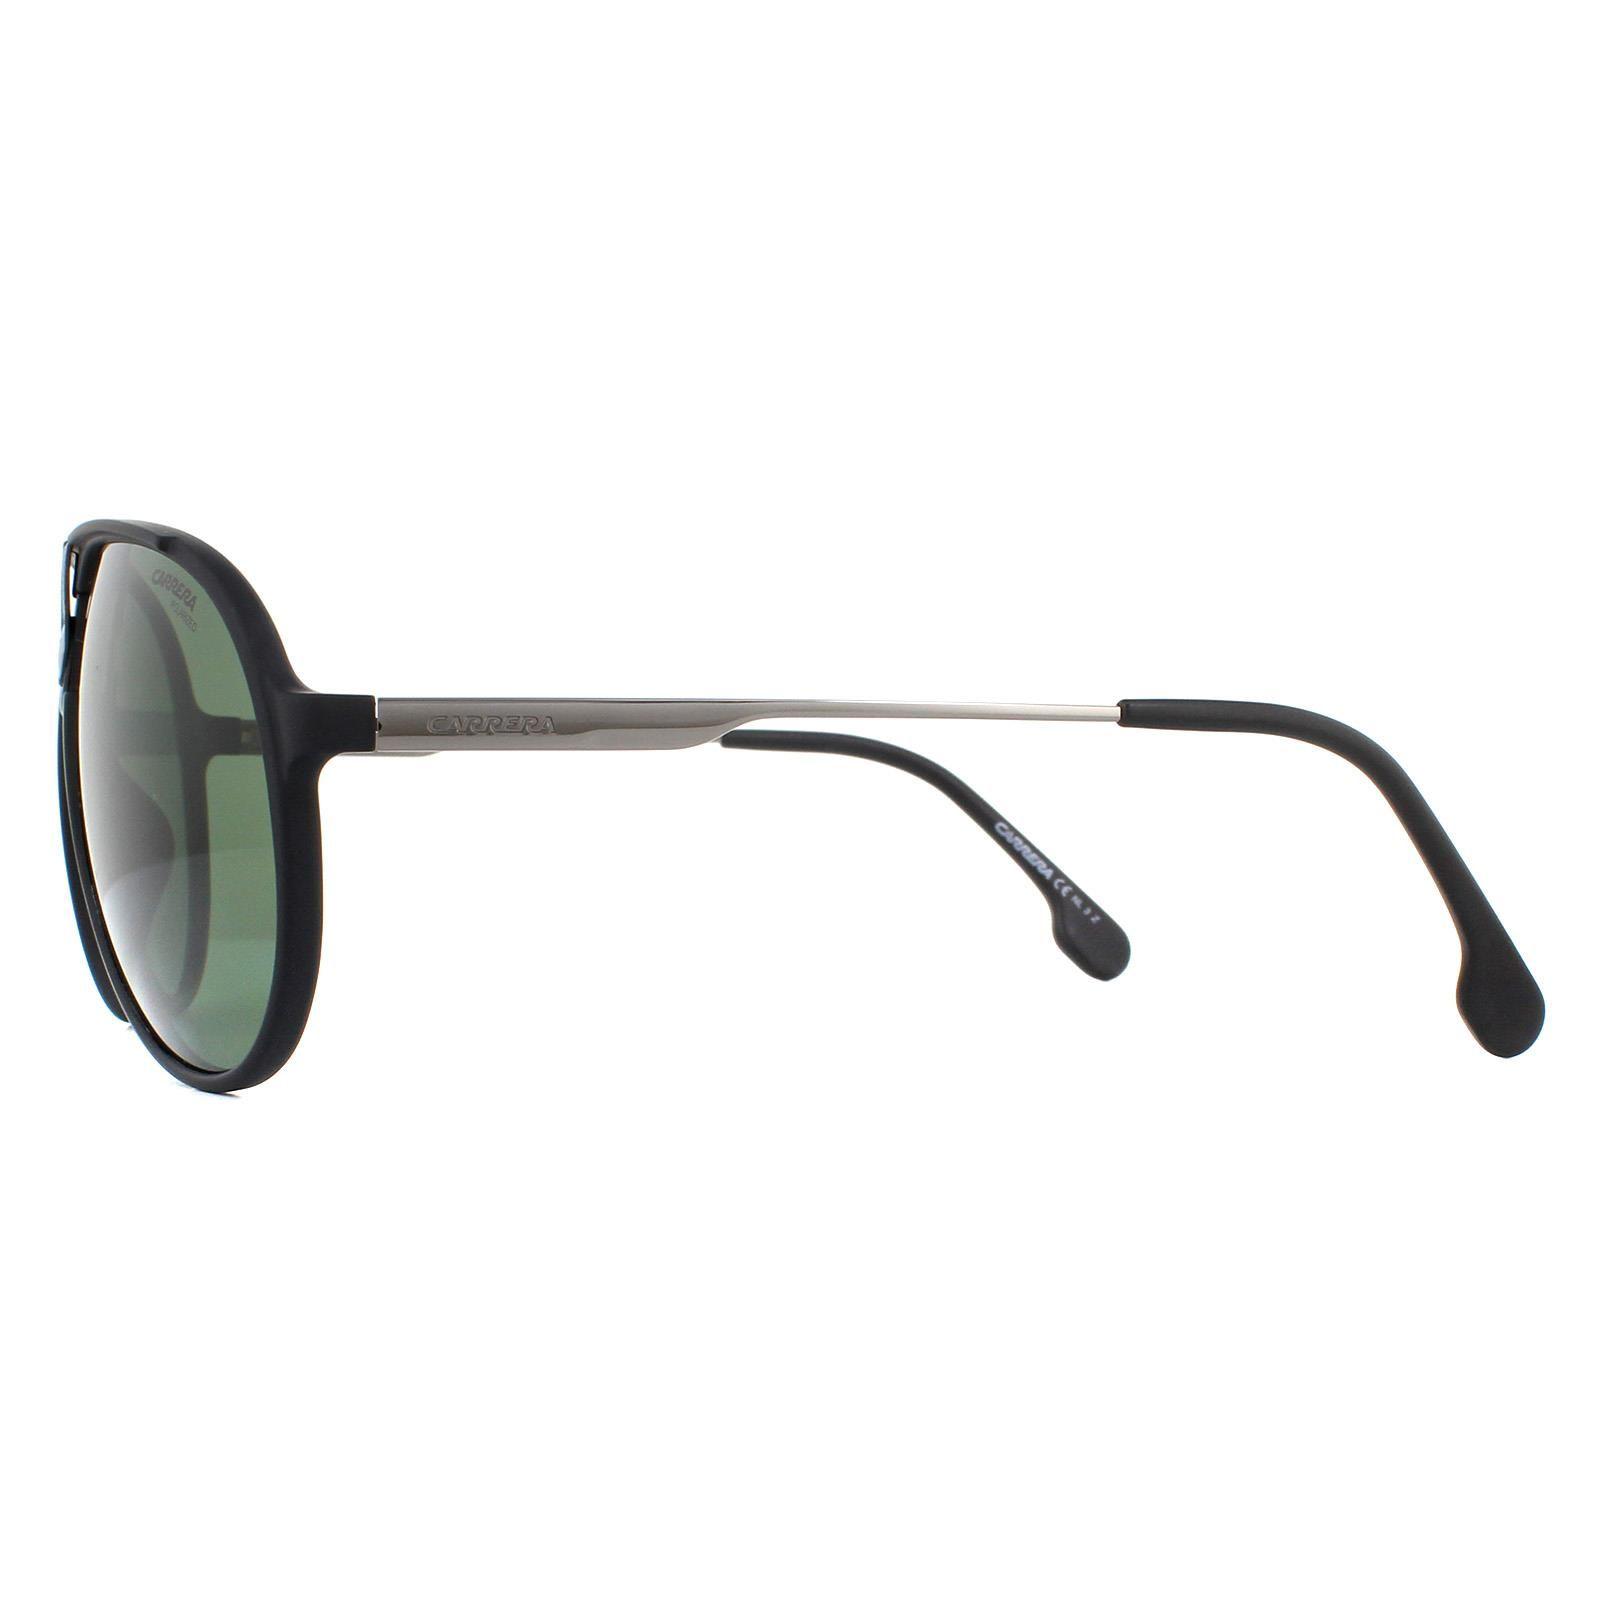 Carrera Sunglasses 1034/S 003 UC Matte Black Green Polarized